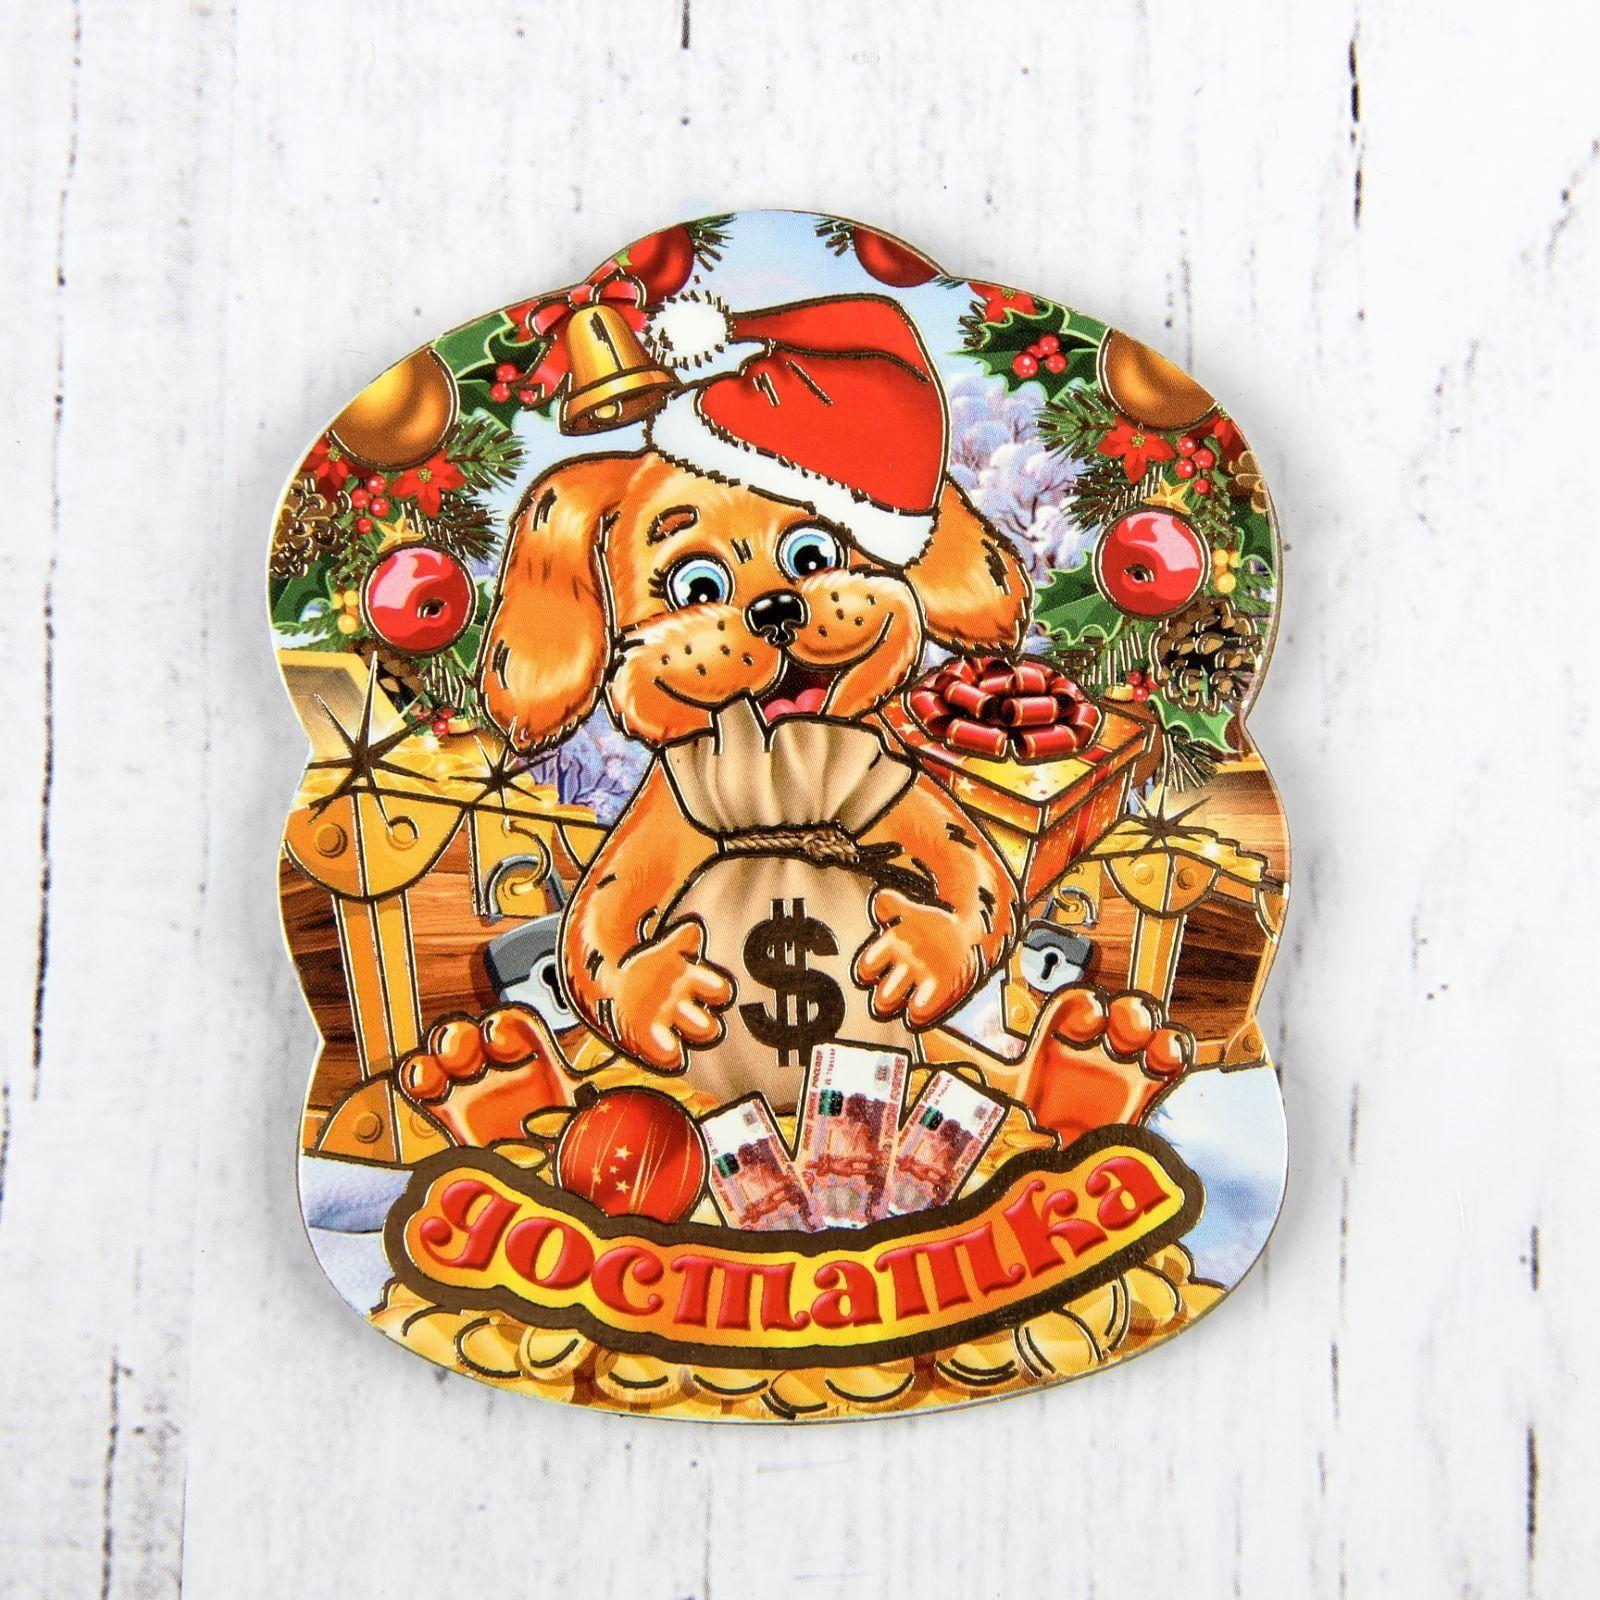 Магнит Sima-land Новогодний. 2018, 9 х 7,5 см. 25324322532432Порадуйте родных и близких оригинальным сувениром: преподнесите в подарок магнит. С ним даже самый серьёзный человек почувствует себя ребёнком, ожидающим чудо! Создайте праздничное настроение, и оно останется с вами на весь год.